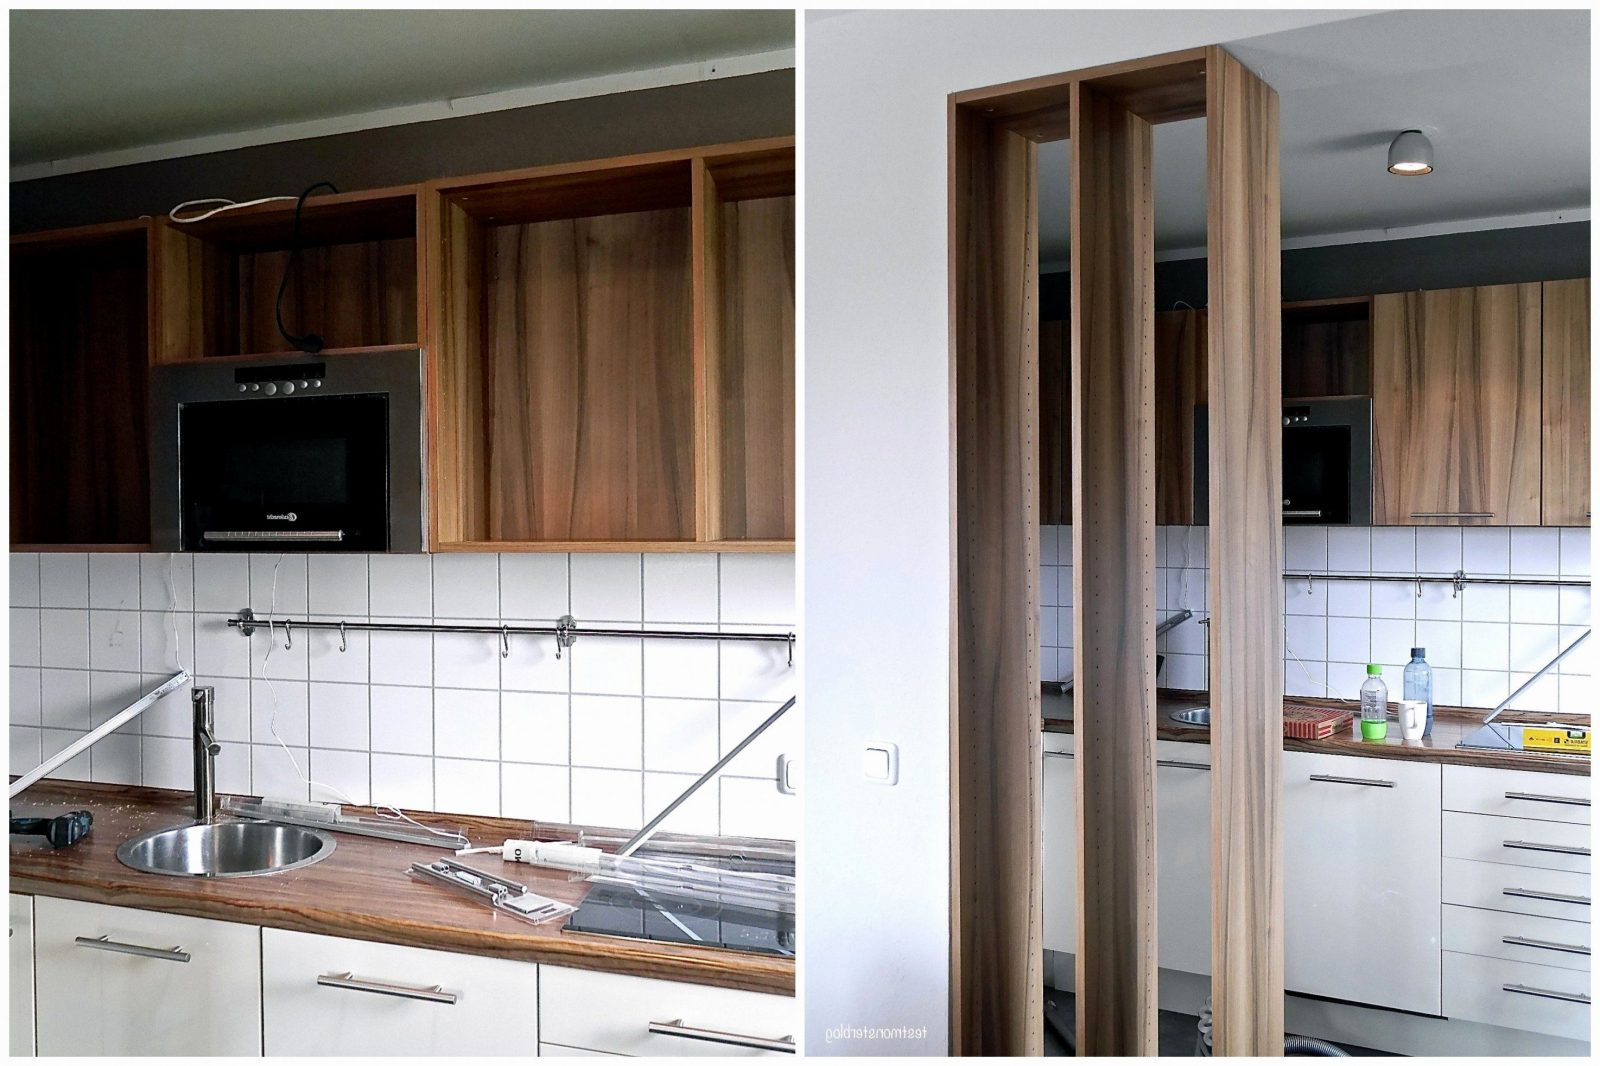 Miniküche 1 M Mit Kühlschrank : Pantryküche mit kühlschrank singleküche mit kühlschrank